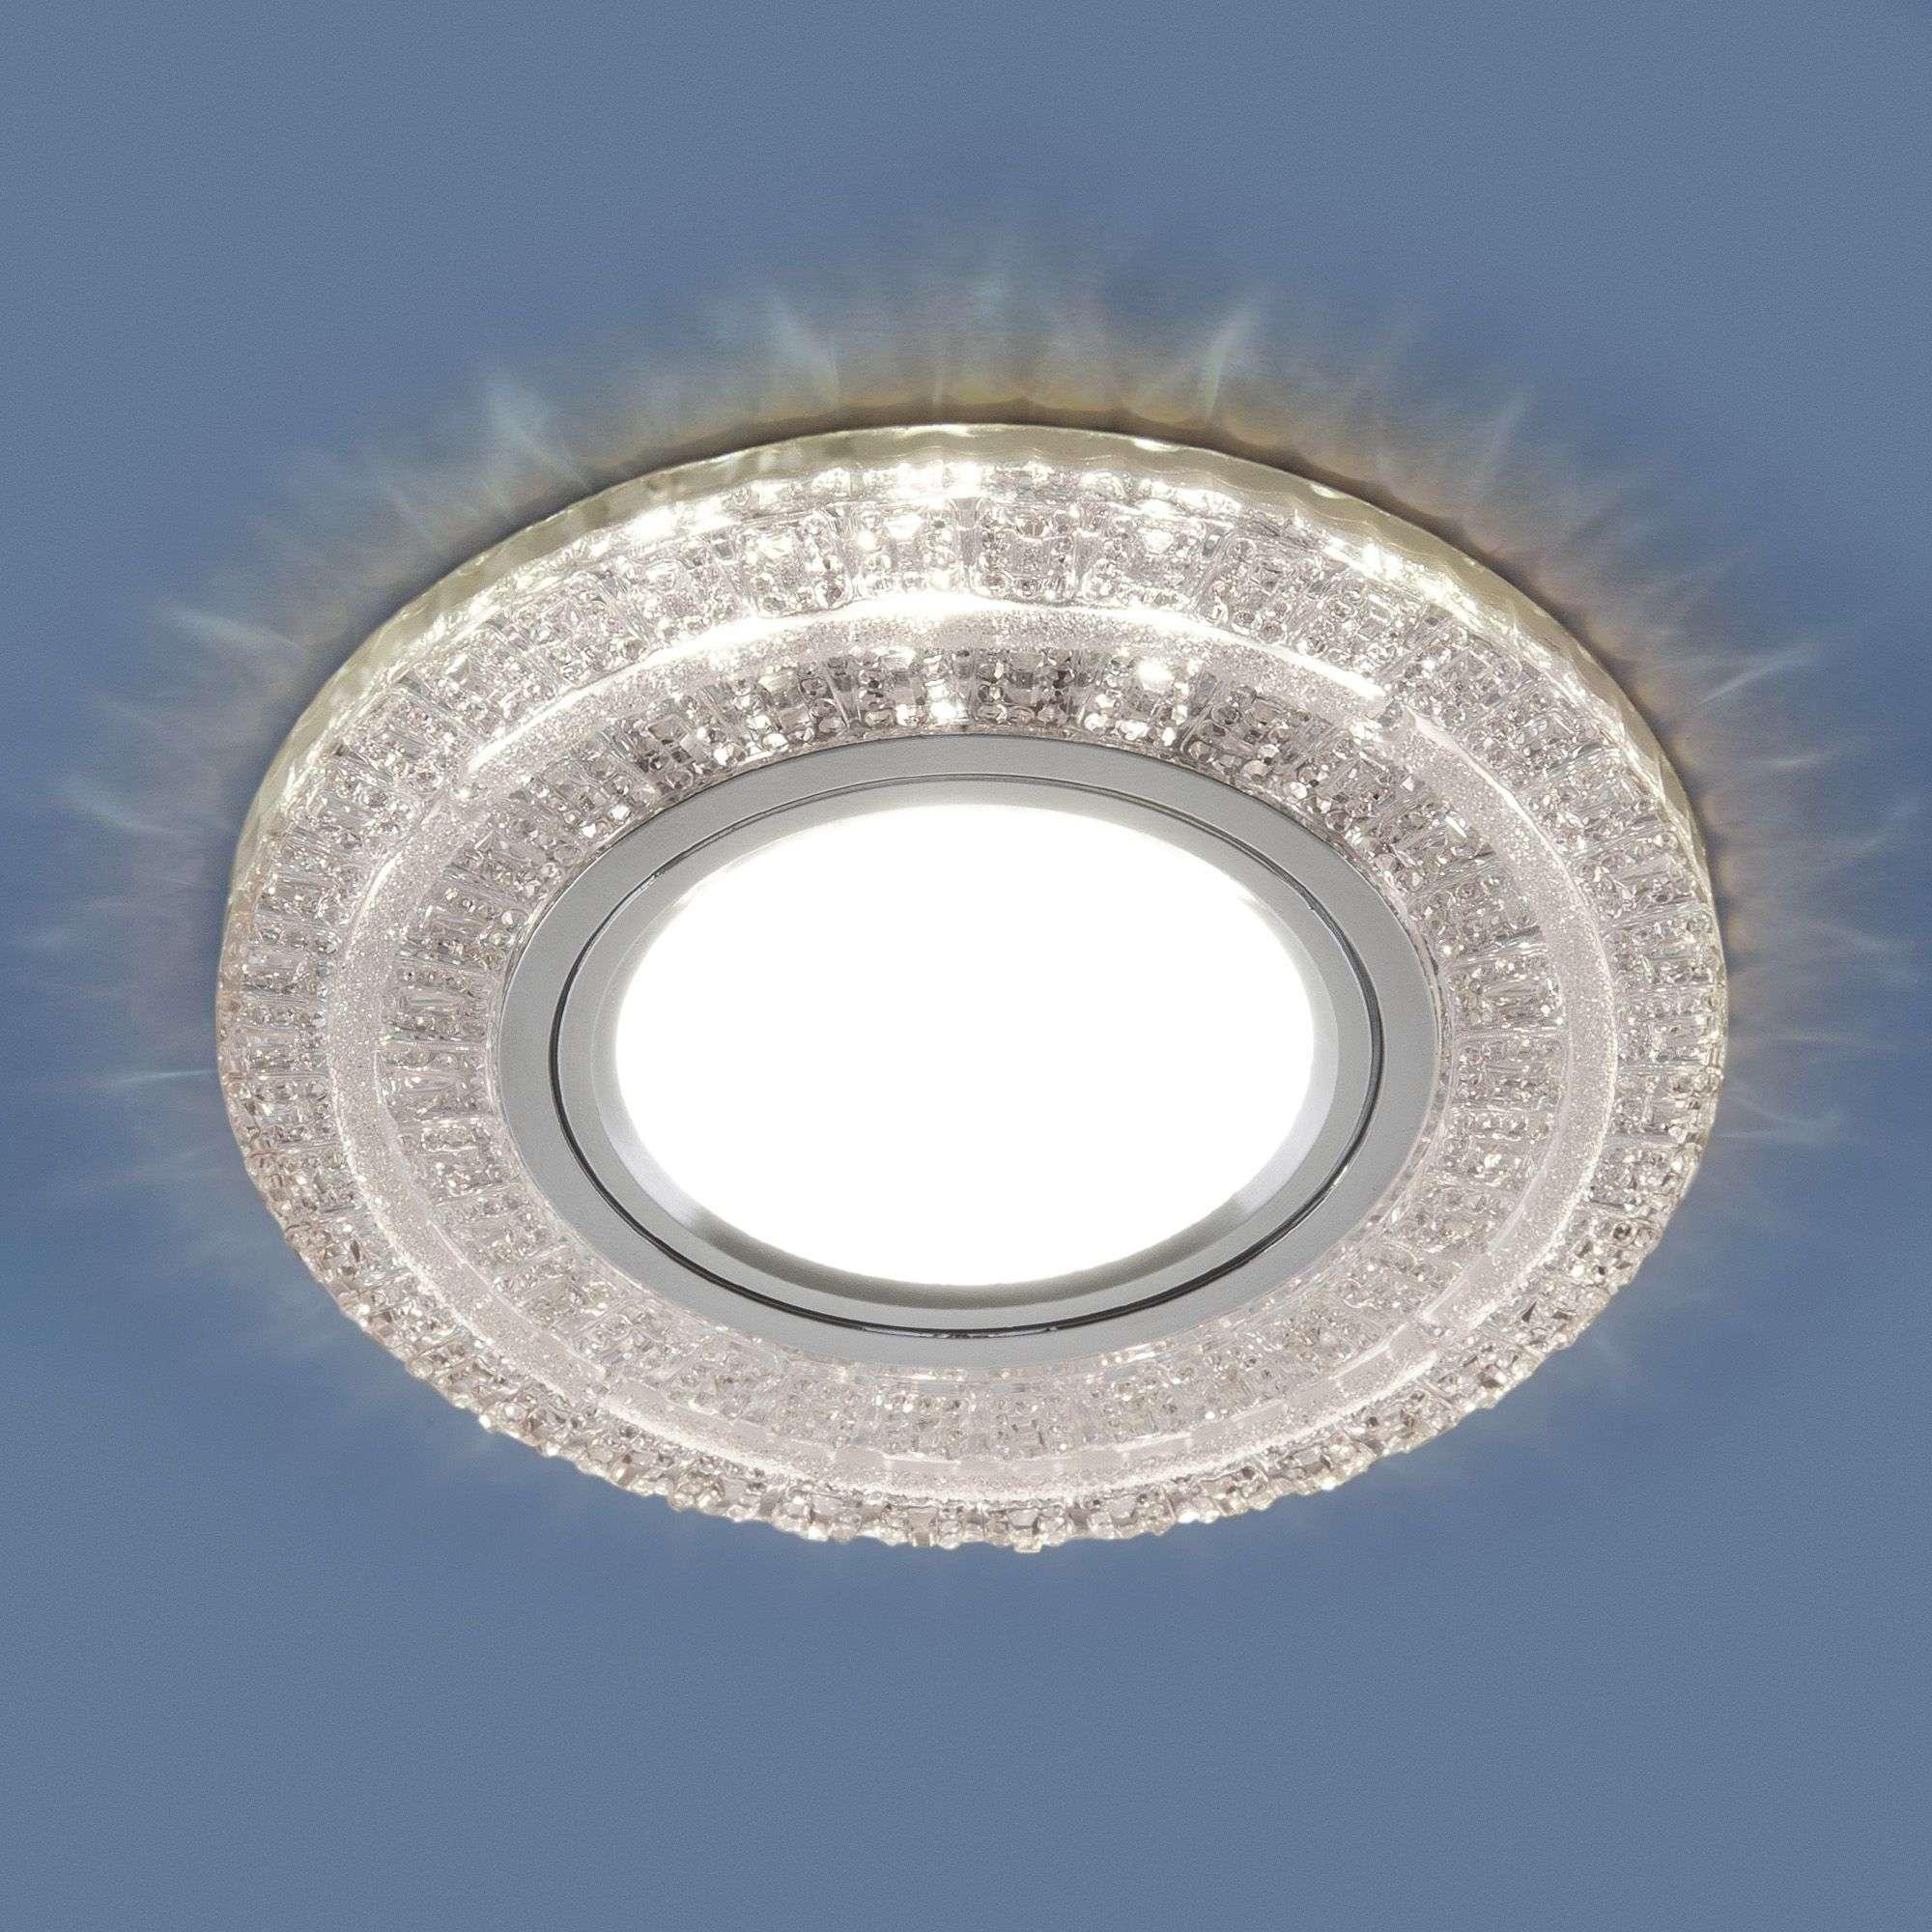 Встраиваемый точечный светильник с LED подсветкой 2225 MR16